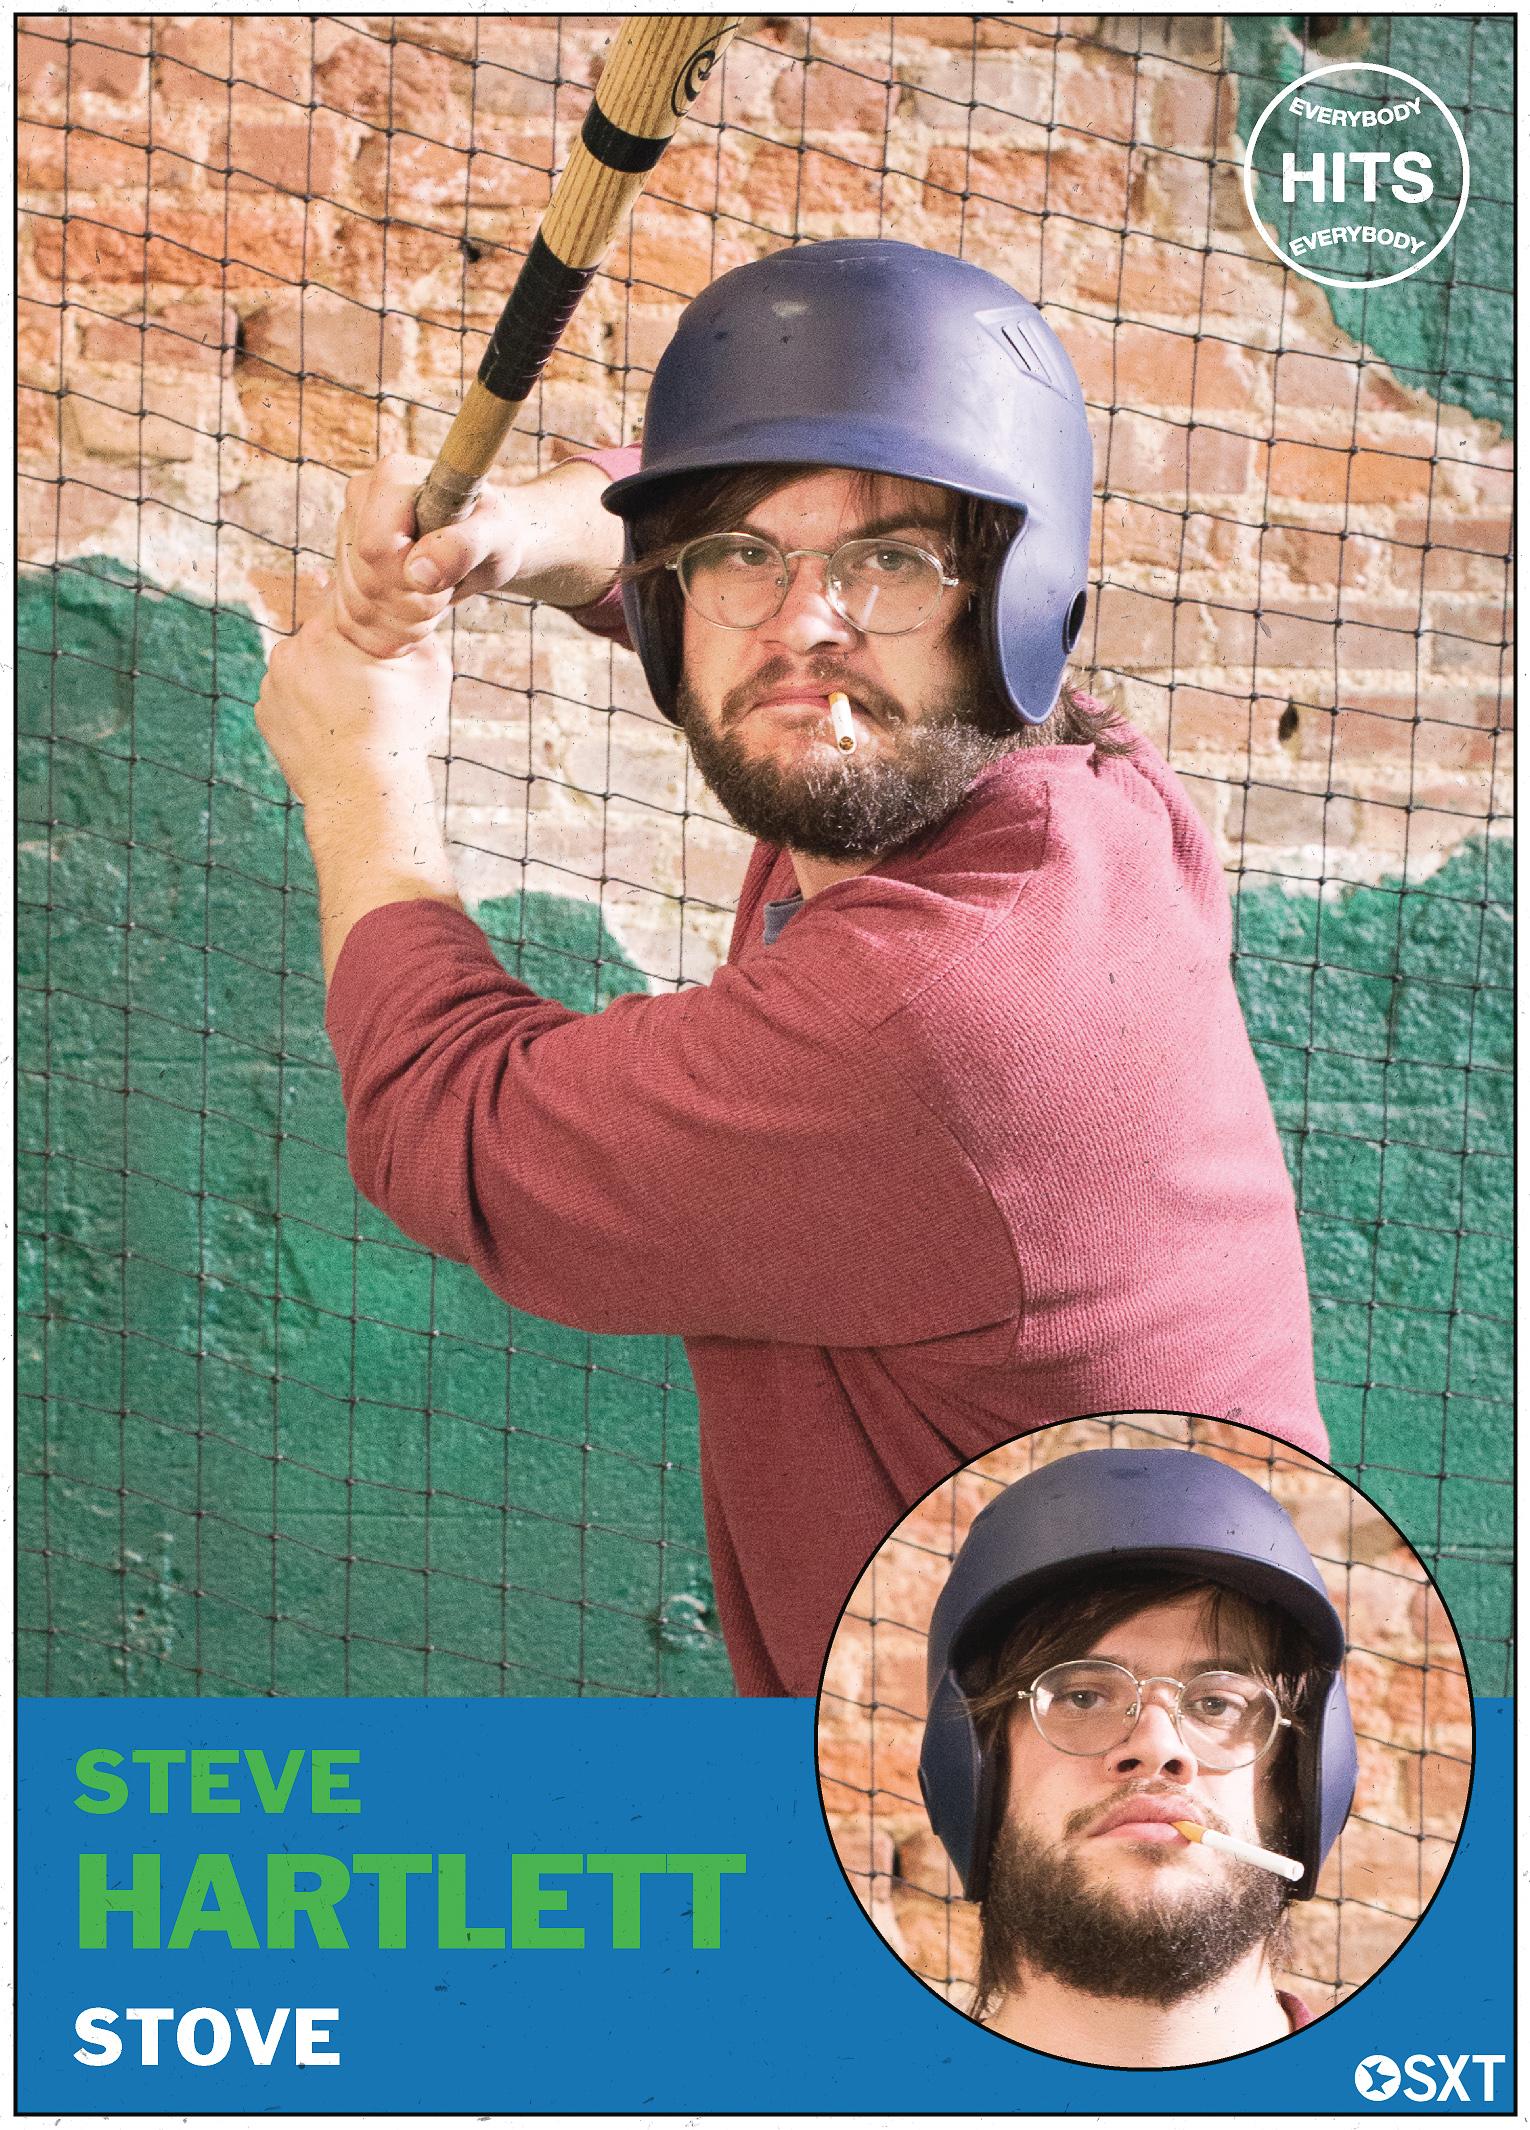 Steve Hartlett of Stove